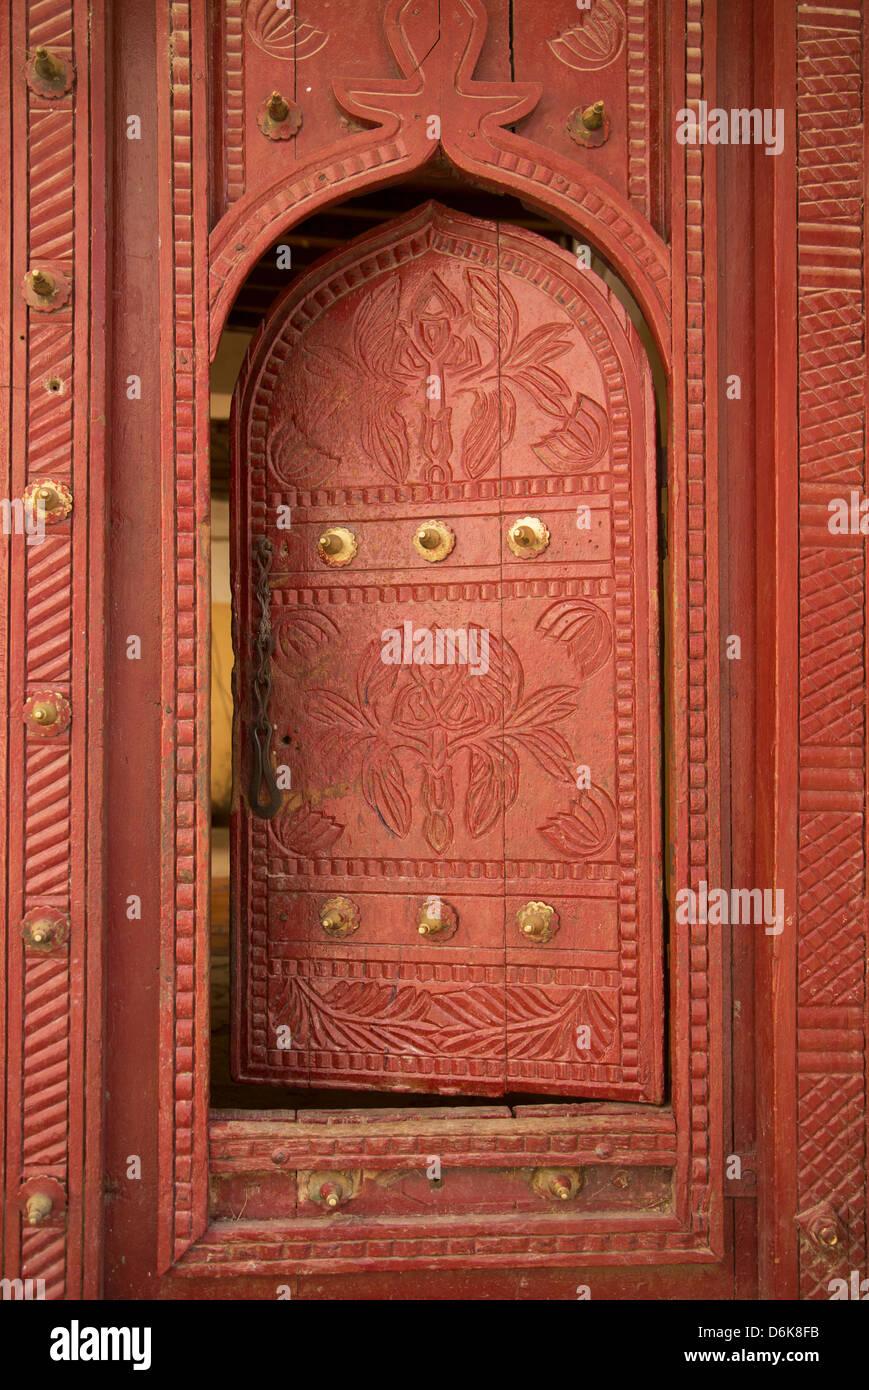 Old traditional door, Wadi Bani Khalid, Oman, Middle East - Stock Image